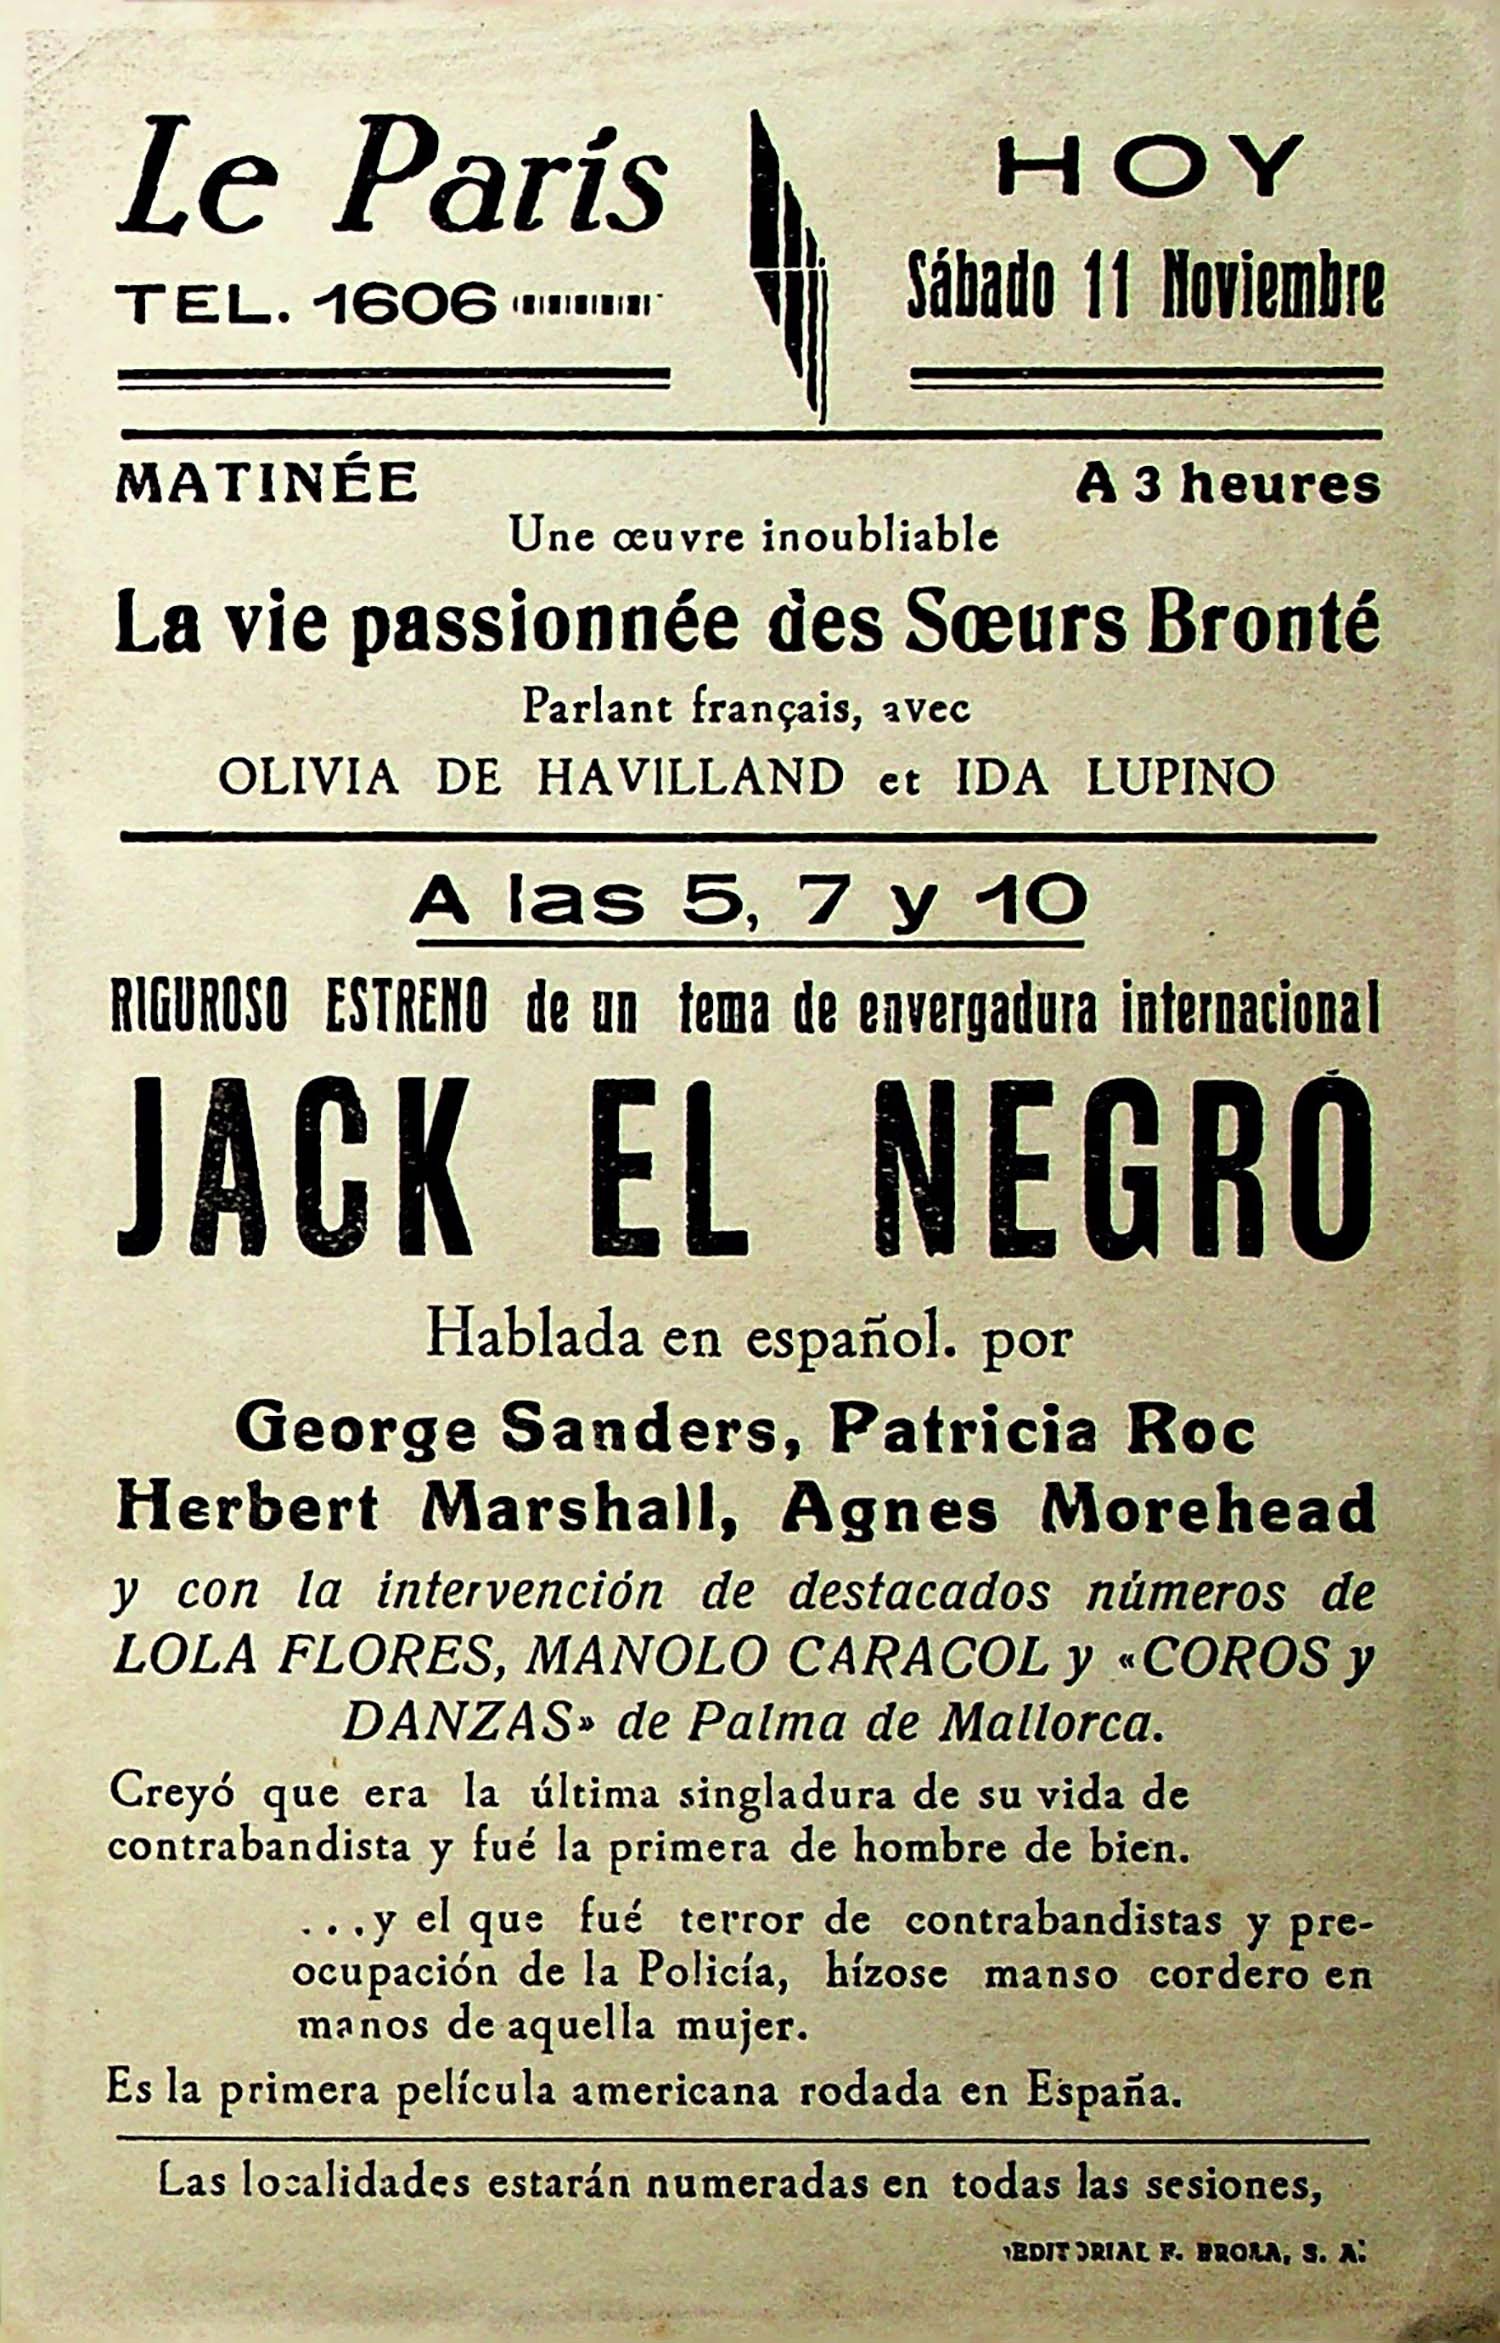 PROGRAMA DE MANO. JACK EL NEGRO – BLACK JACK. George Sanders. CP